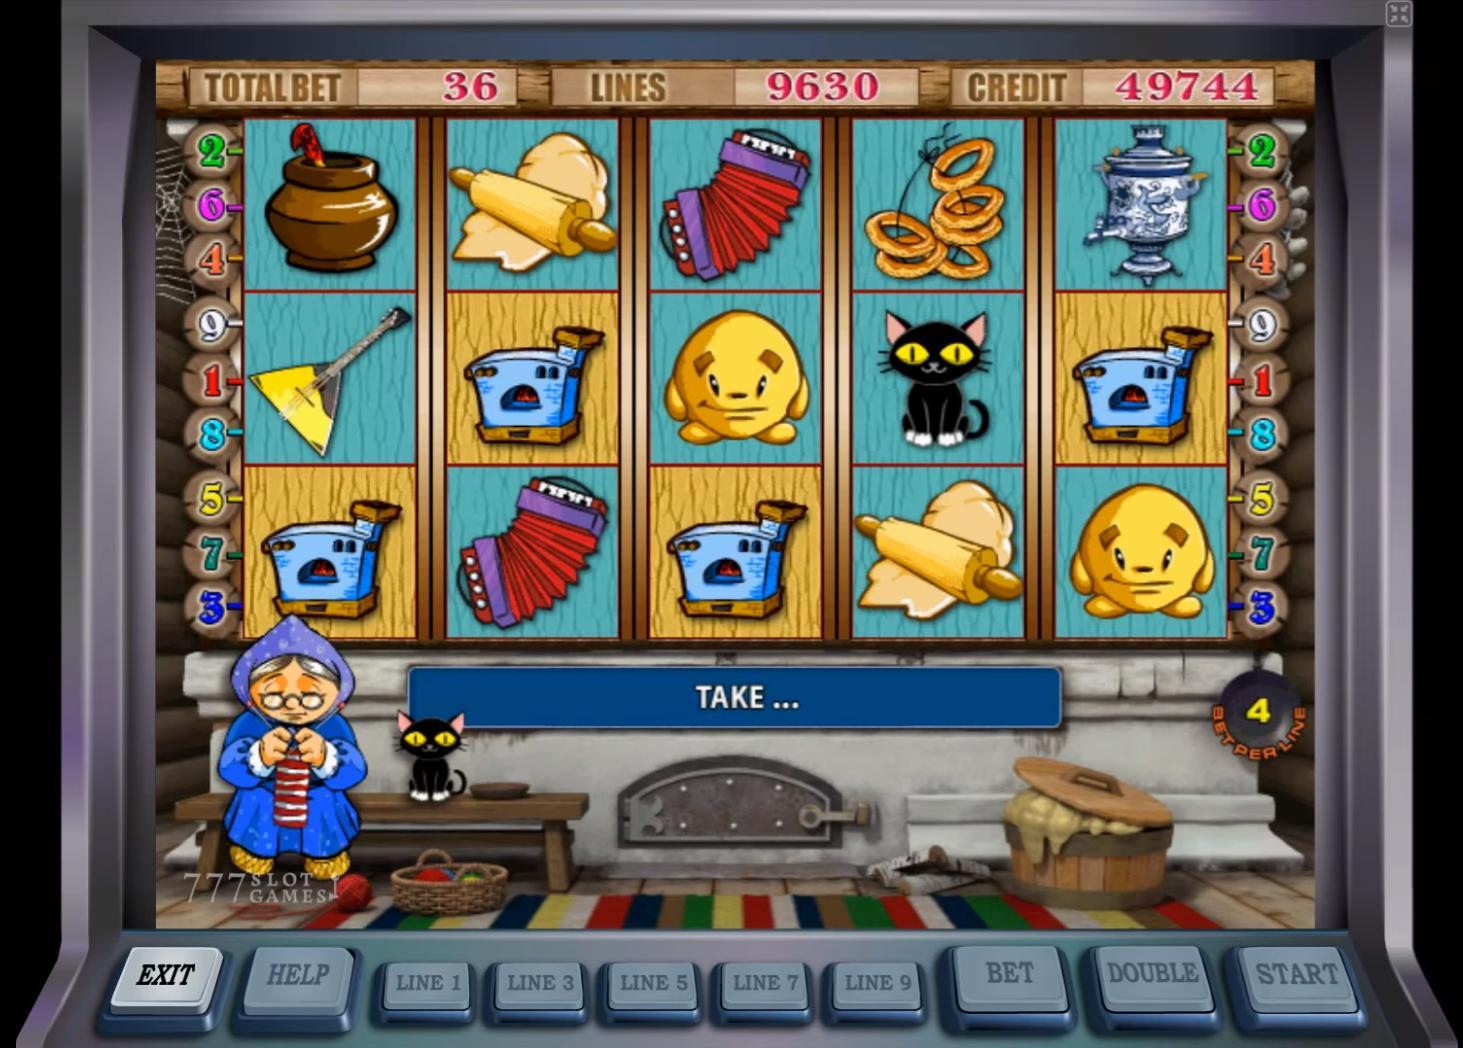 Игровые автоматы играть бесплатно онлайн пираты треа игровые аппараты 77777